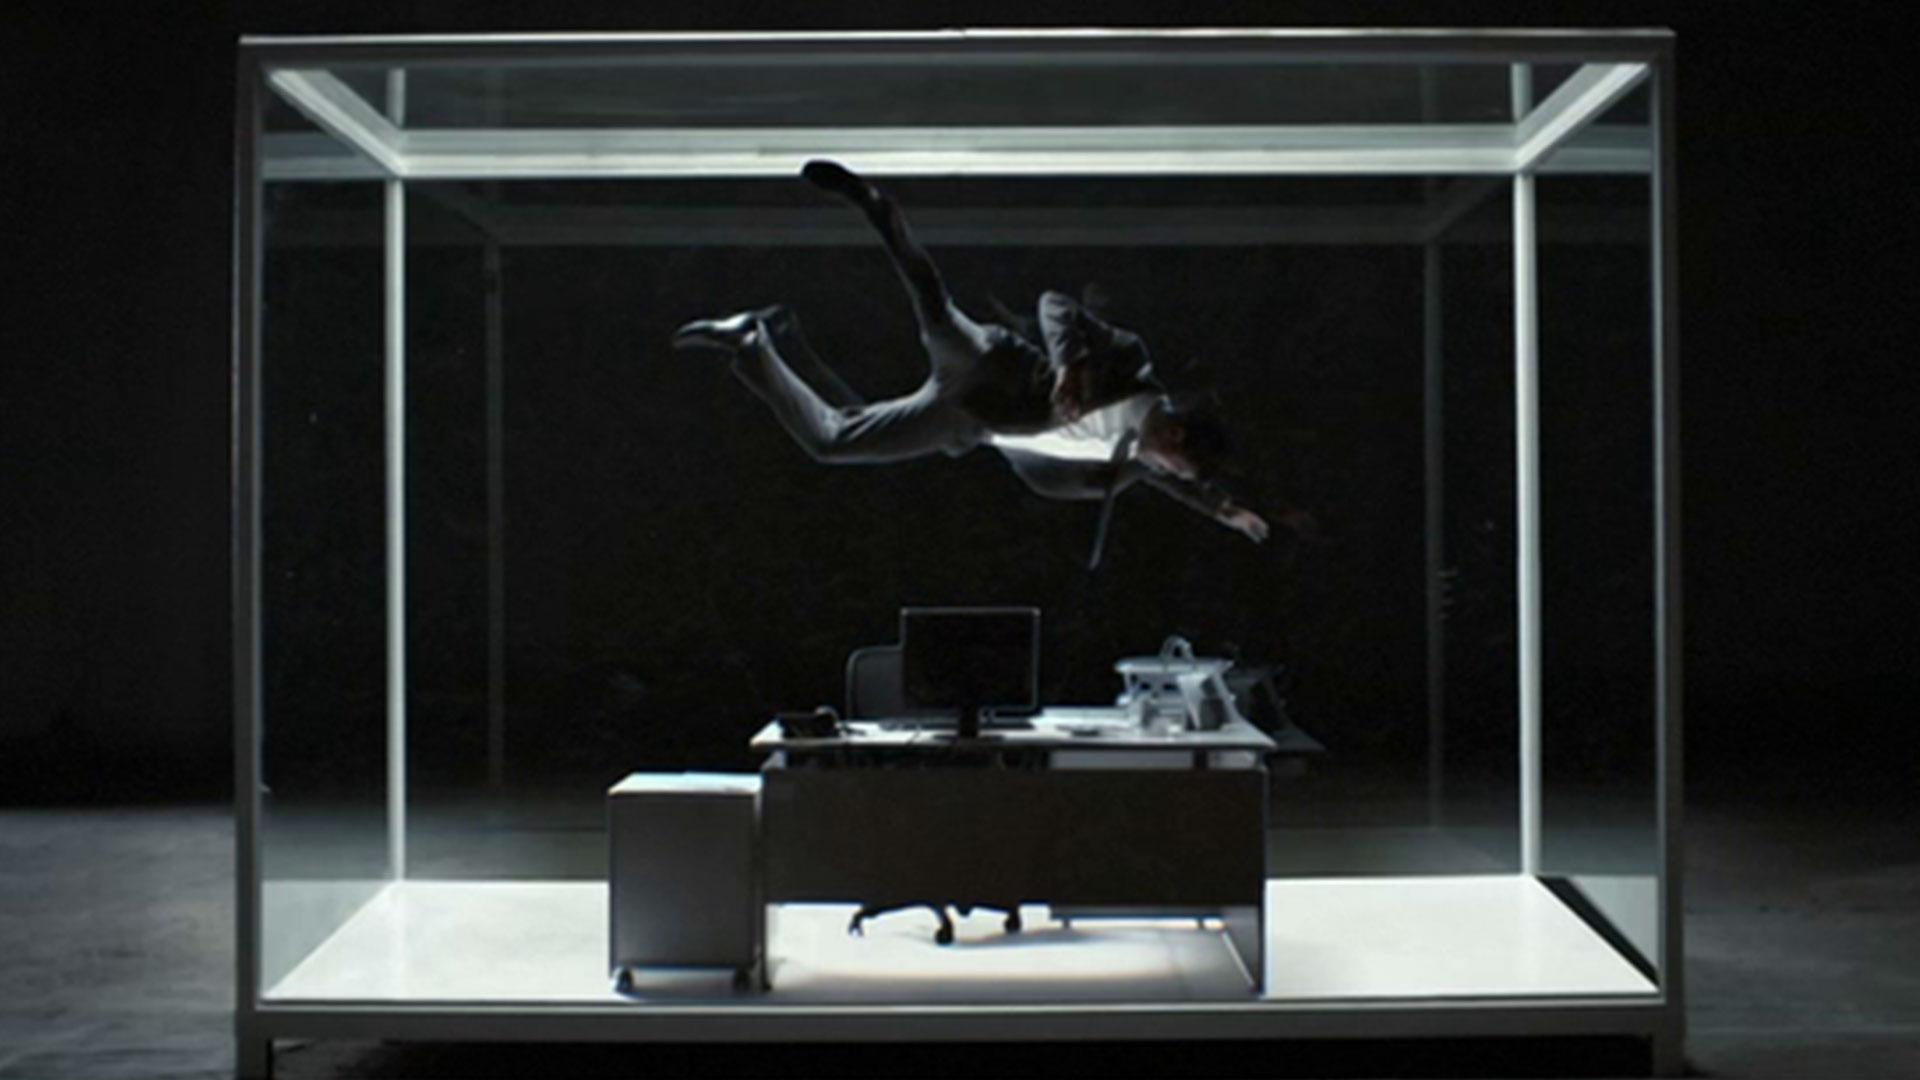 indoor window furniture statue